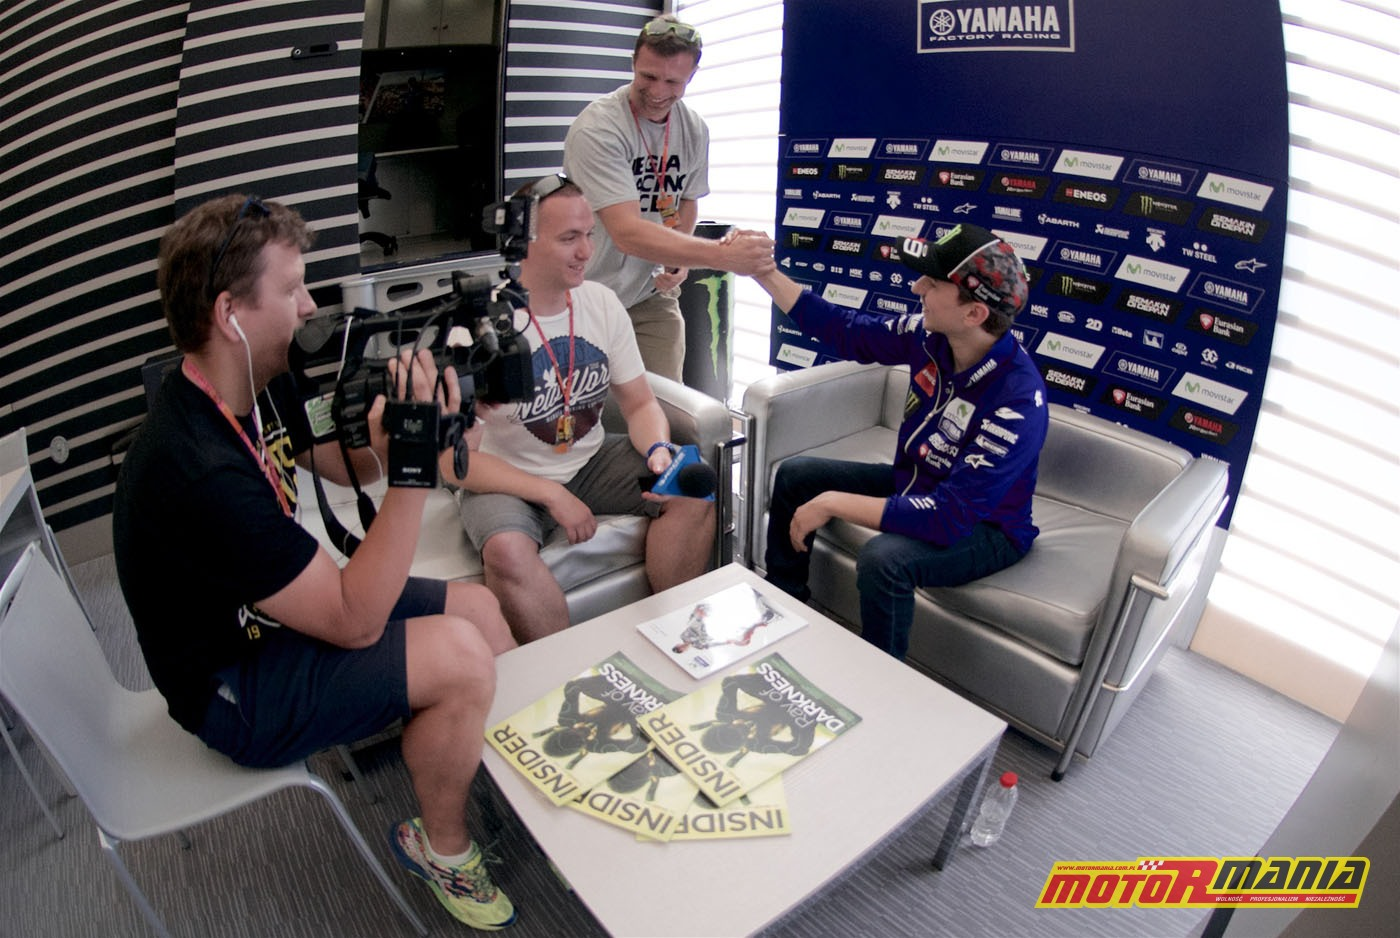 Czwartek na GP Katalonii 2016 (5) - fot Waldemar Walerczuk Photosportagency_com